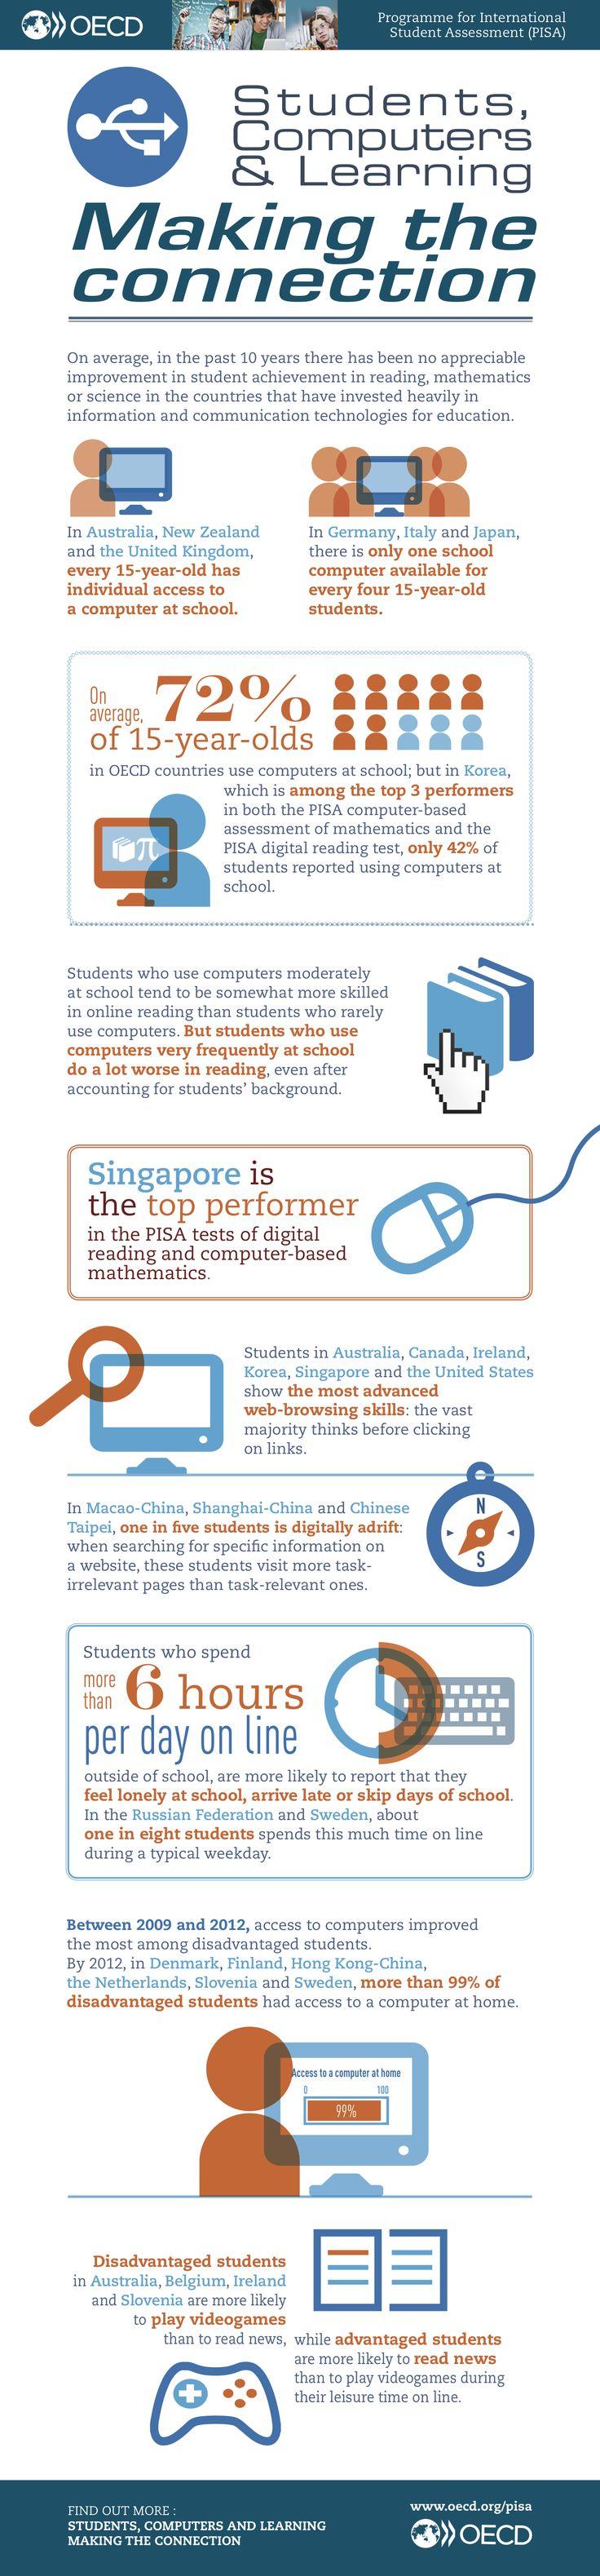 Hetzal vandaag het grote onderwijsnieuws zijn wereldwijd: veel computers op school maken niet meer computerwijs en beter investeren reken- en taalonderwijs. Maar toch is dat niet de boodschap die ...